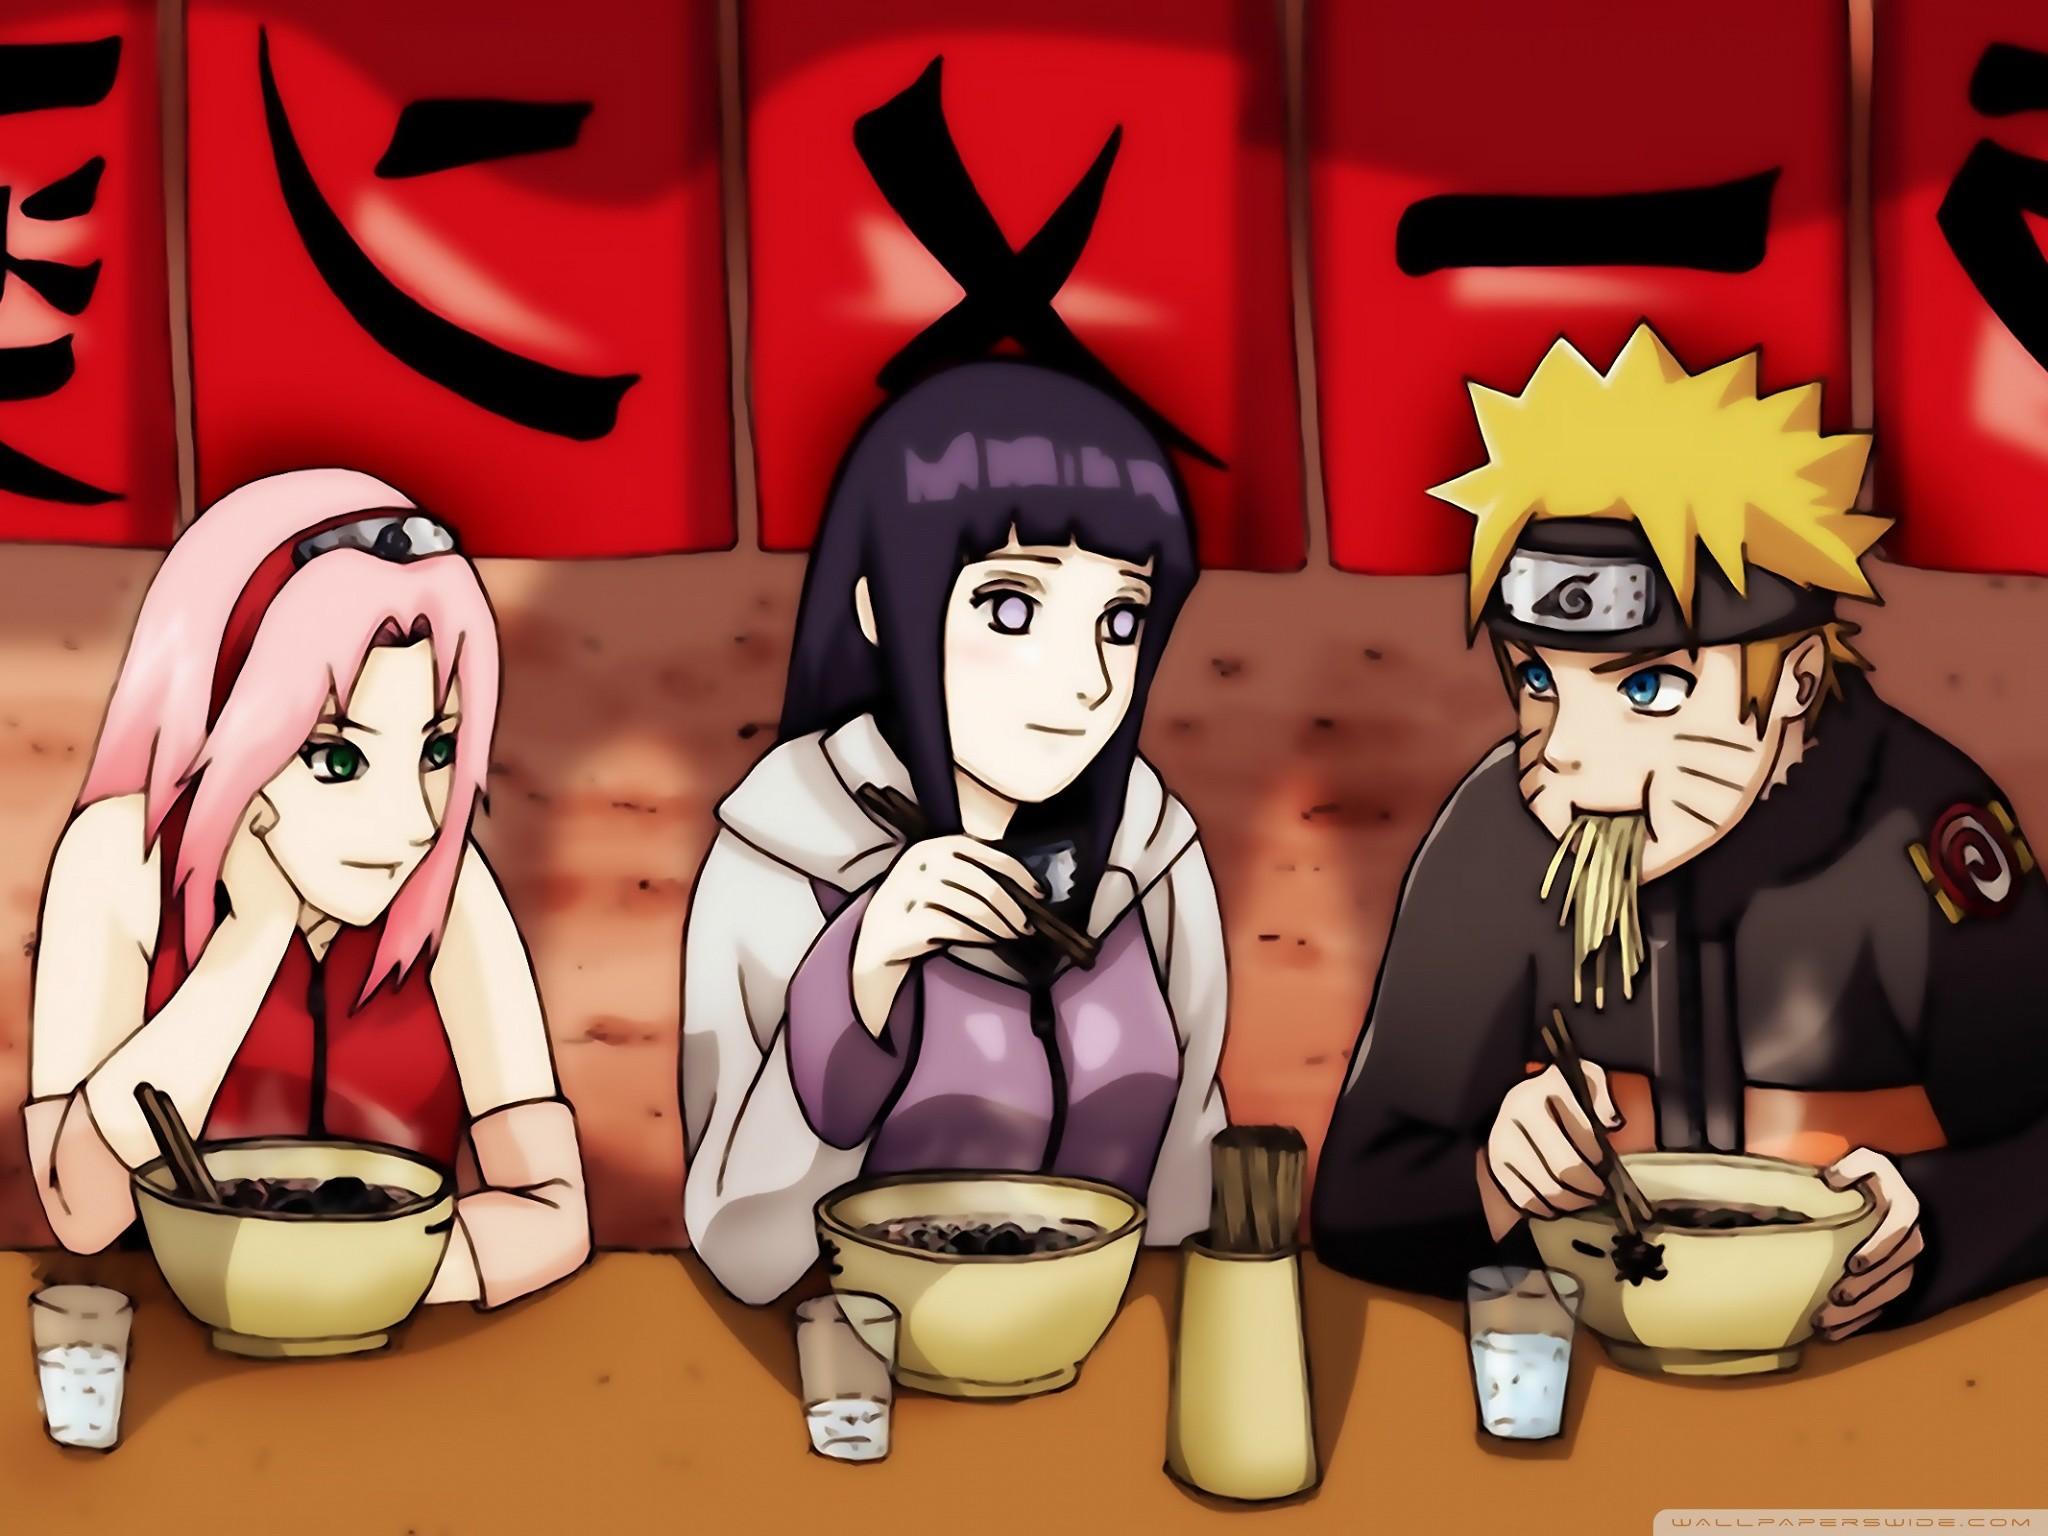 Good Wallpaper Naruto Supreme - 1006172-naruto-hinata-wallpaper-2048x1536-for-mac  Pic.jpg